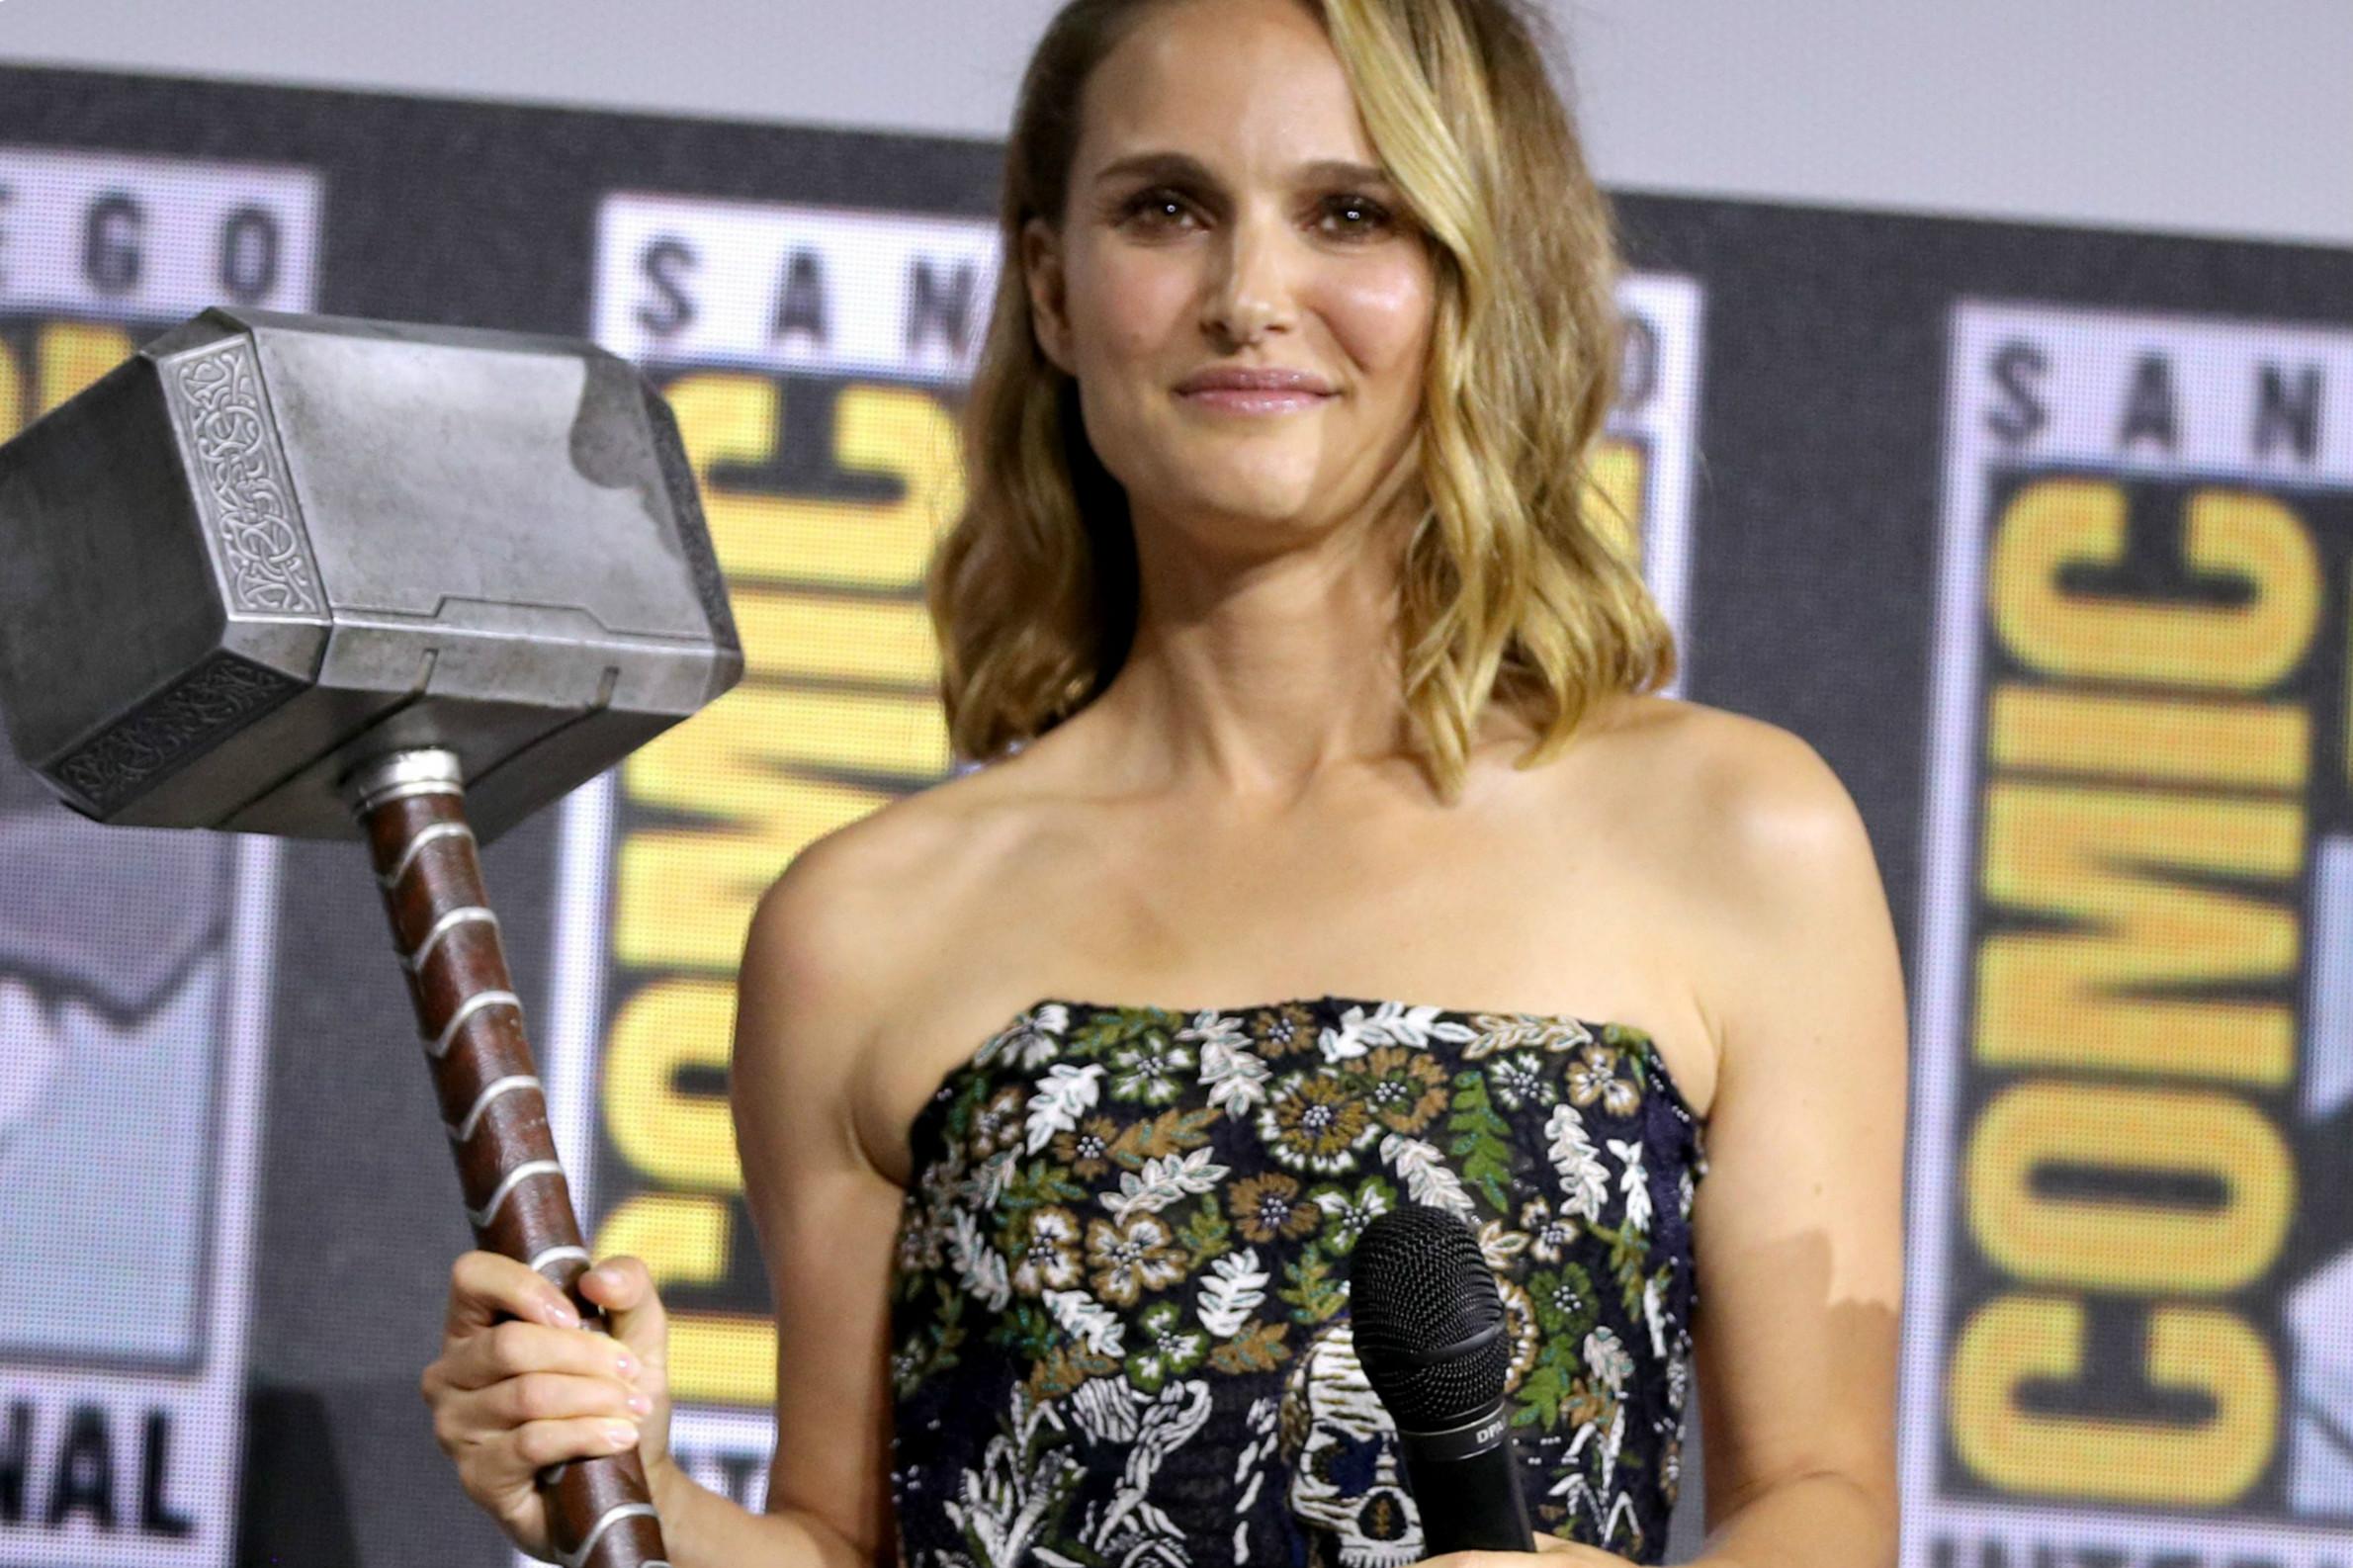 《雷神4》2020年开拍 娜塔莉・波特曼将成女雷神